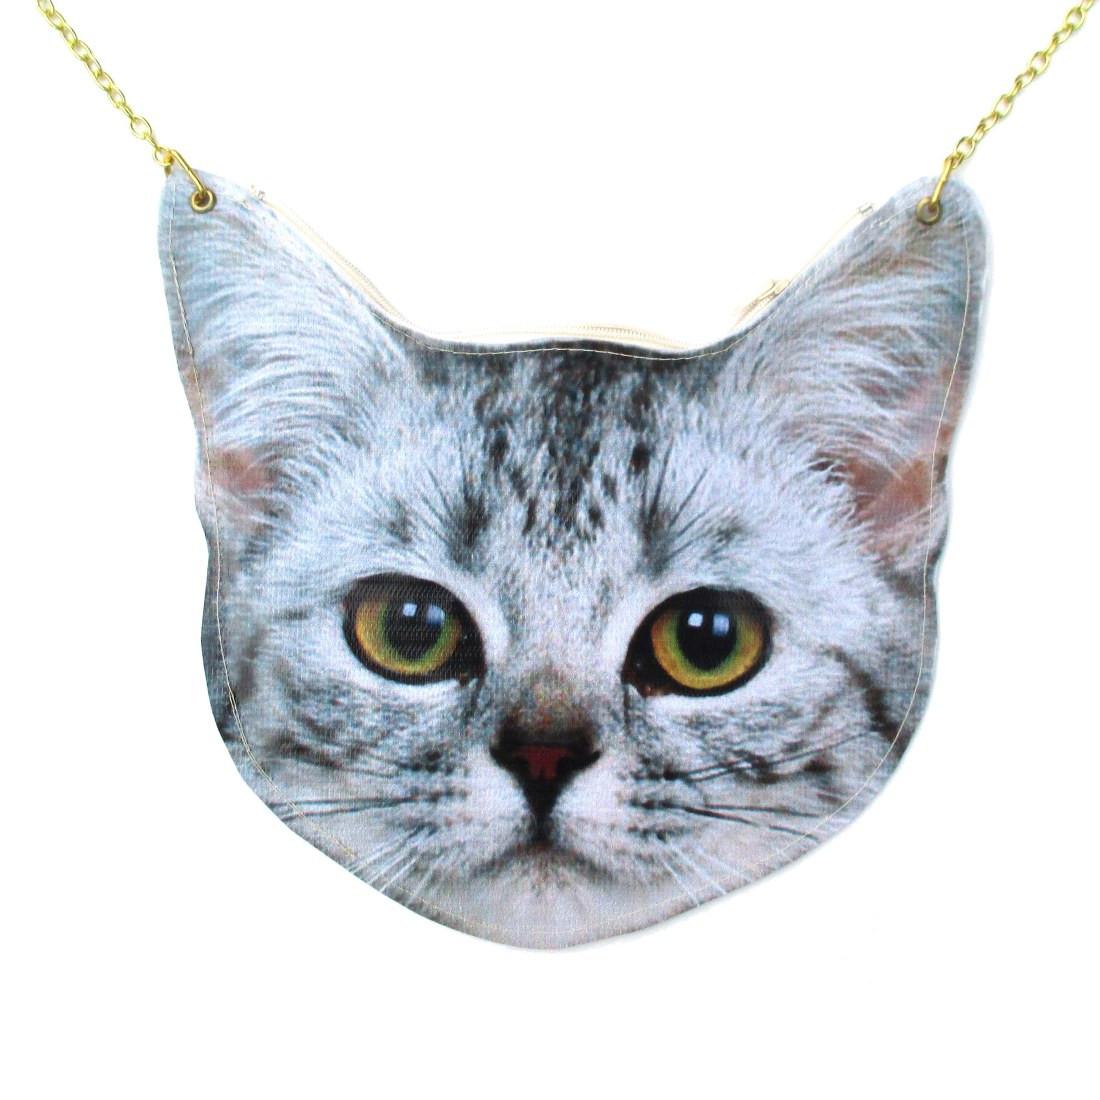 Realistic Tabby Kitty Cat Head Shaped Vinyl Animal Themed ...